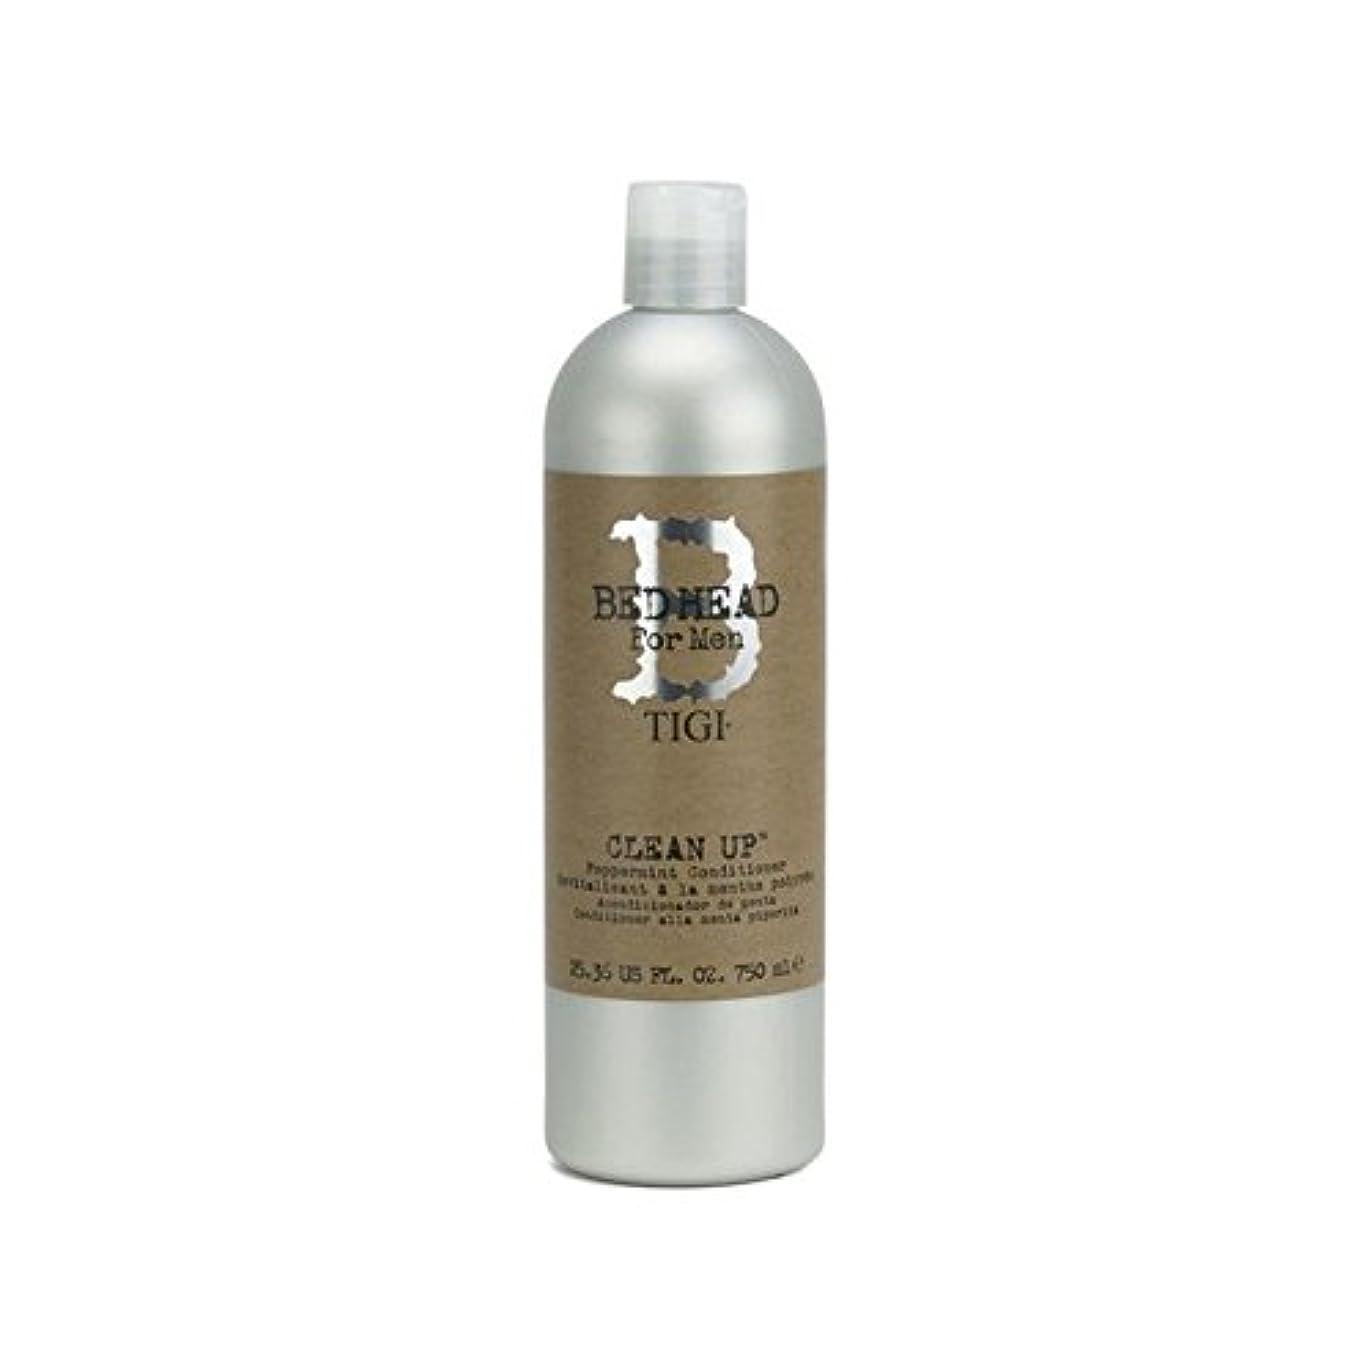 寸前安らぎ鍔Tigi Bed Head For Men Clean Up Peppermint Conditioner (750ml) - ペパーミントコンディショナーをクリーンアップする男性のためのティジーベッドヘッド(750ミリリットル...